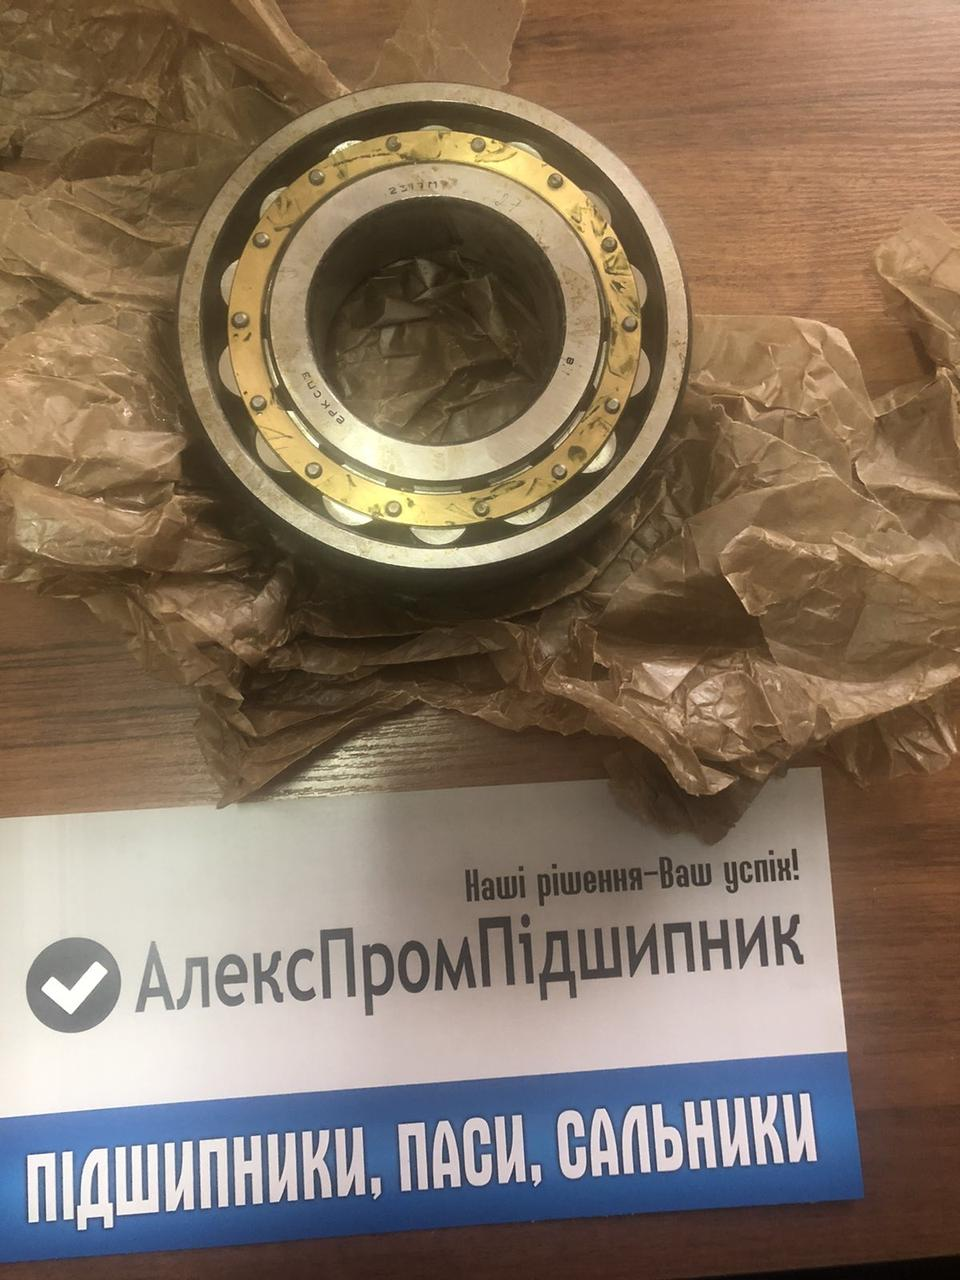 Подшипник N317 M (2317) ЕПК Россия роликовый радиальный продам